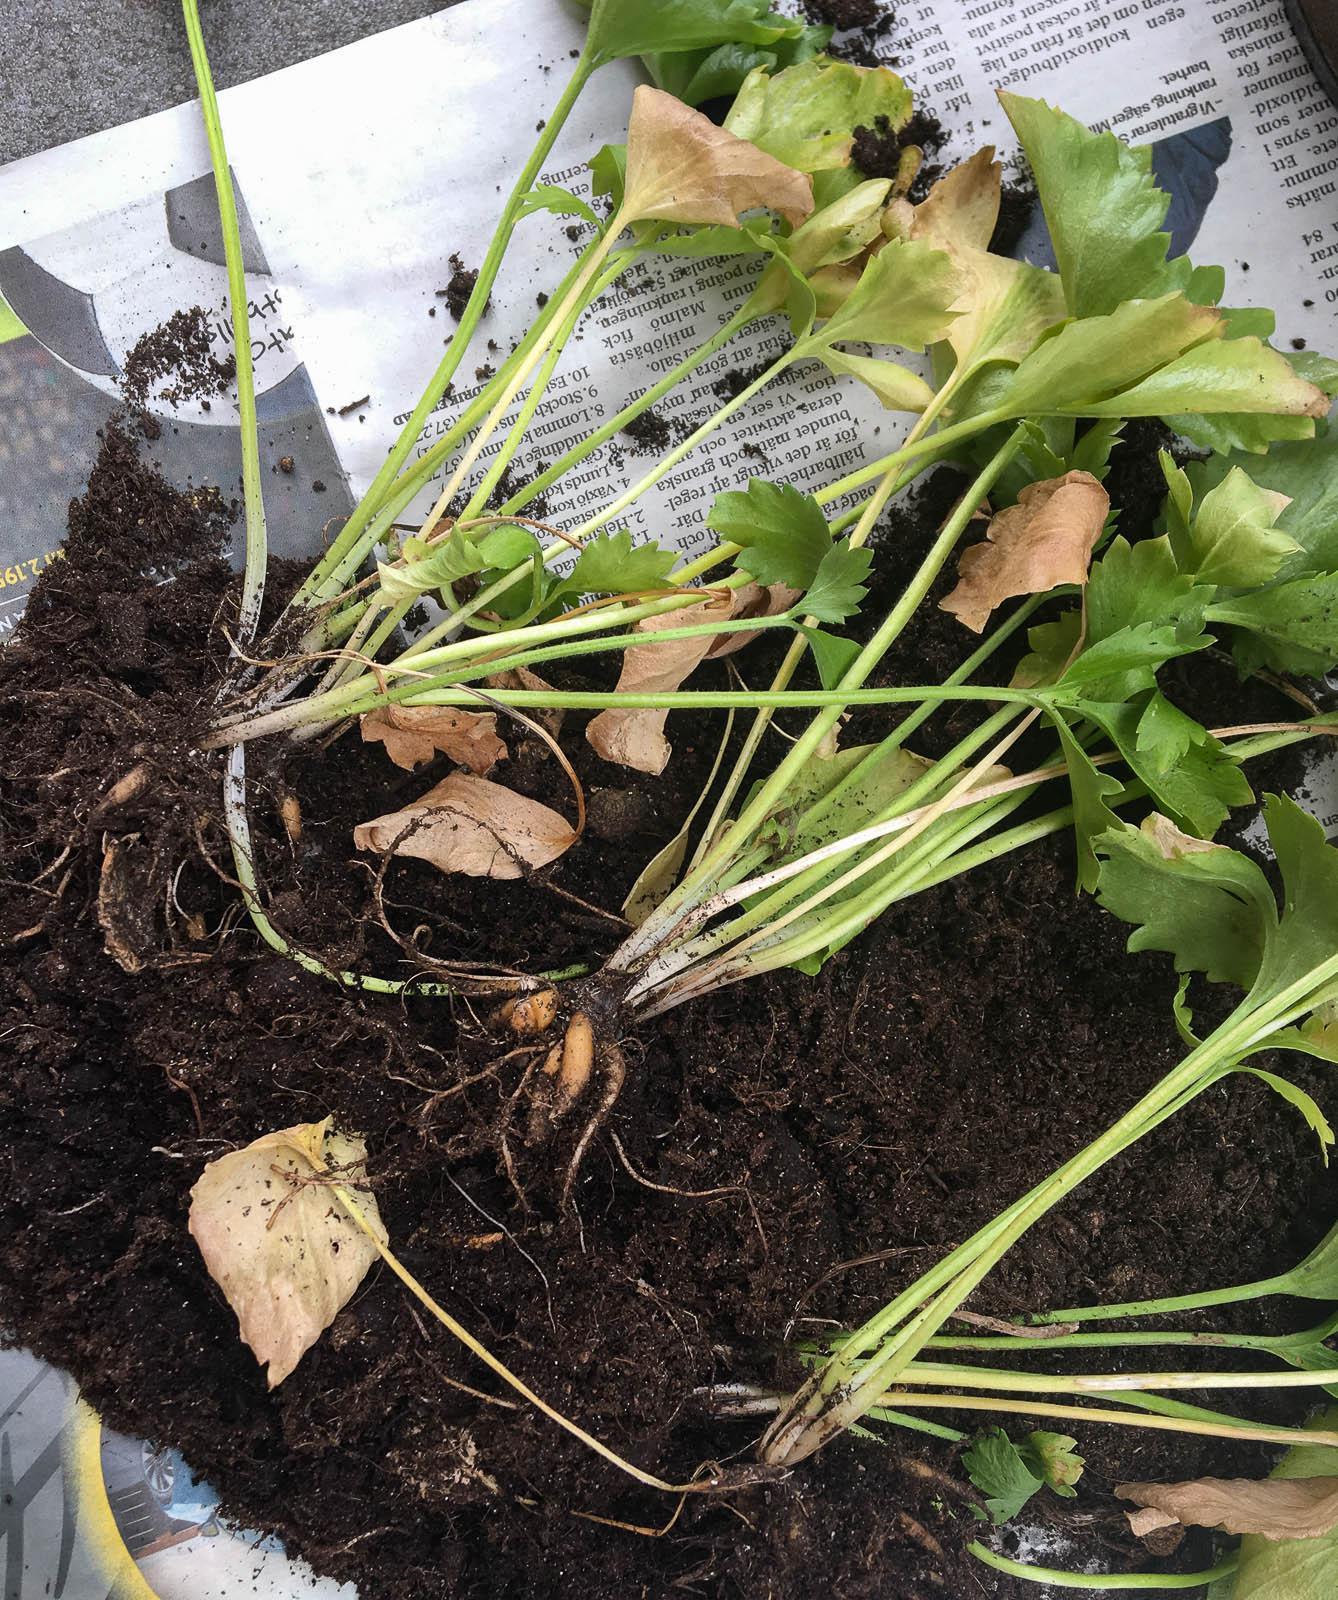 Ranunkelröterna ville inte blomma hos mig heller. Det har antingen varit för varmt, för kallt, för torrt eller för vått. Nu tar jag upp rötterna och lägger dem på tork till nästa säsong.